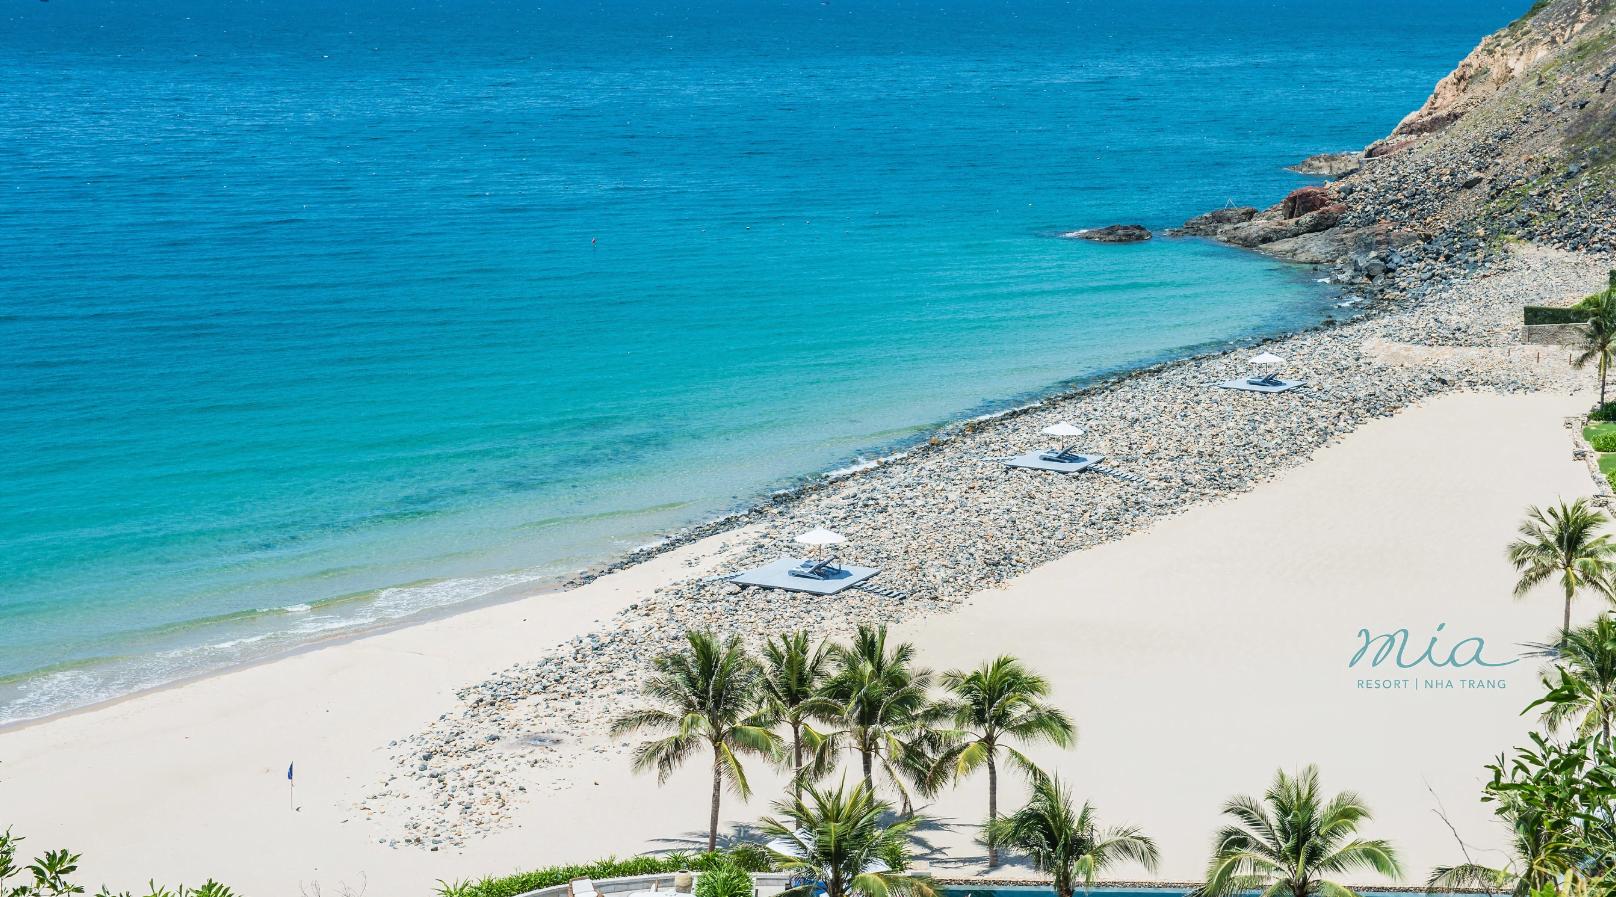 Dự án MIA Resort Nha Trang được SCLG vận hành và quản lý